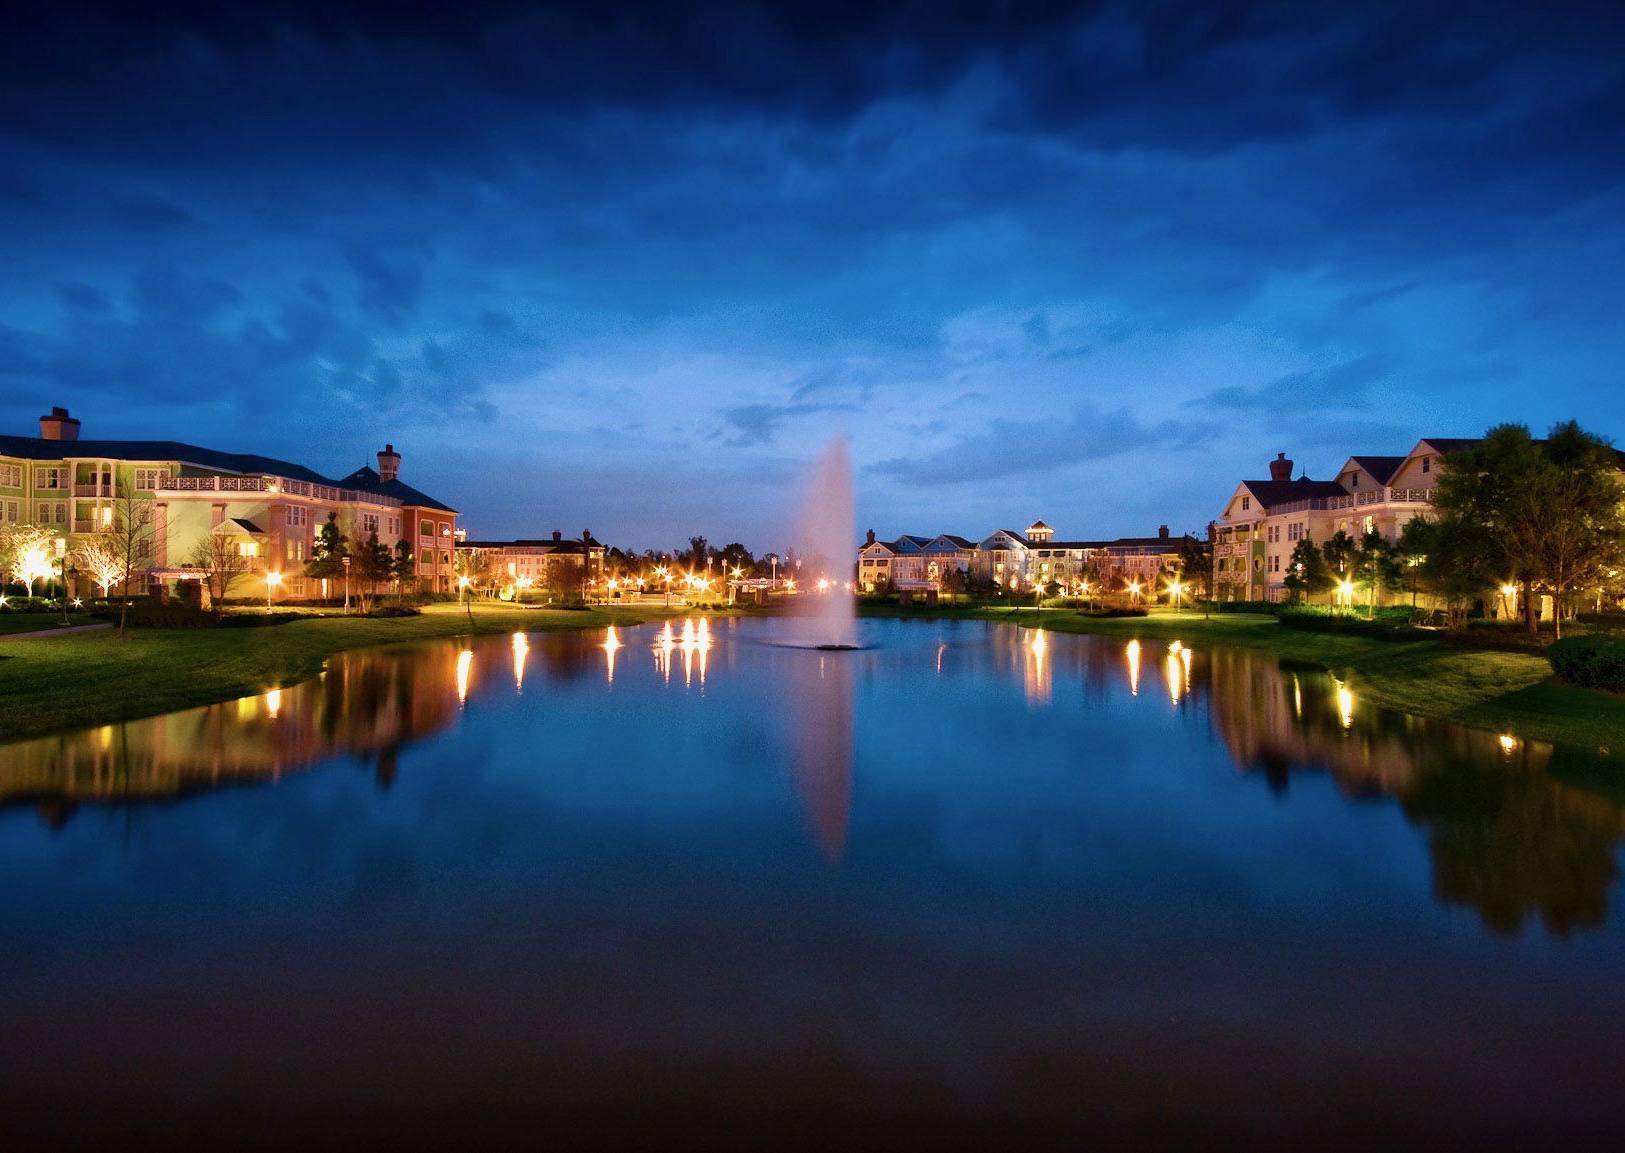 Disney Saratoga Springs Resort in Orlando